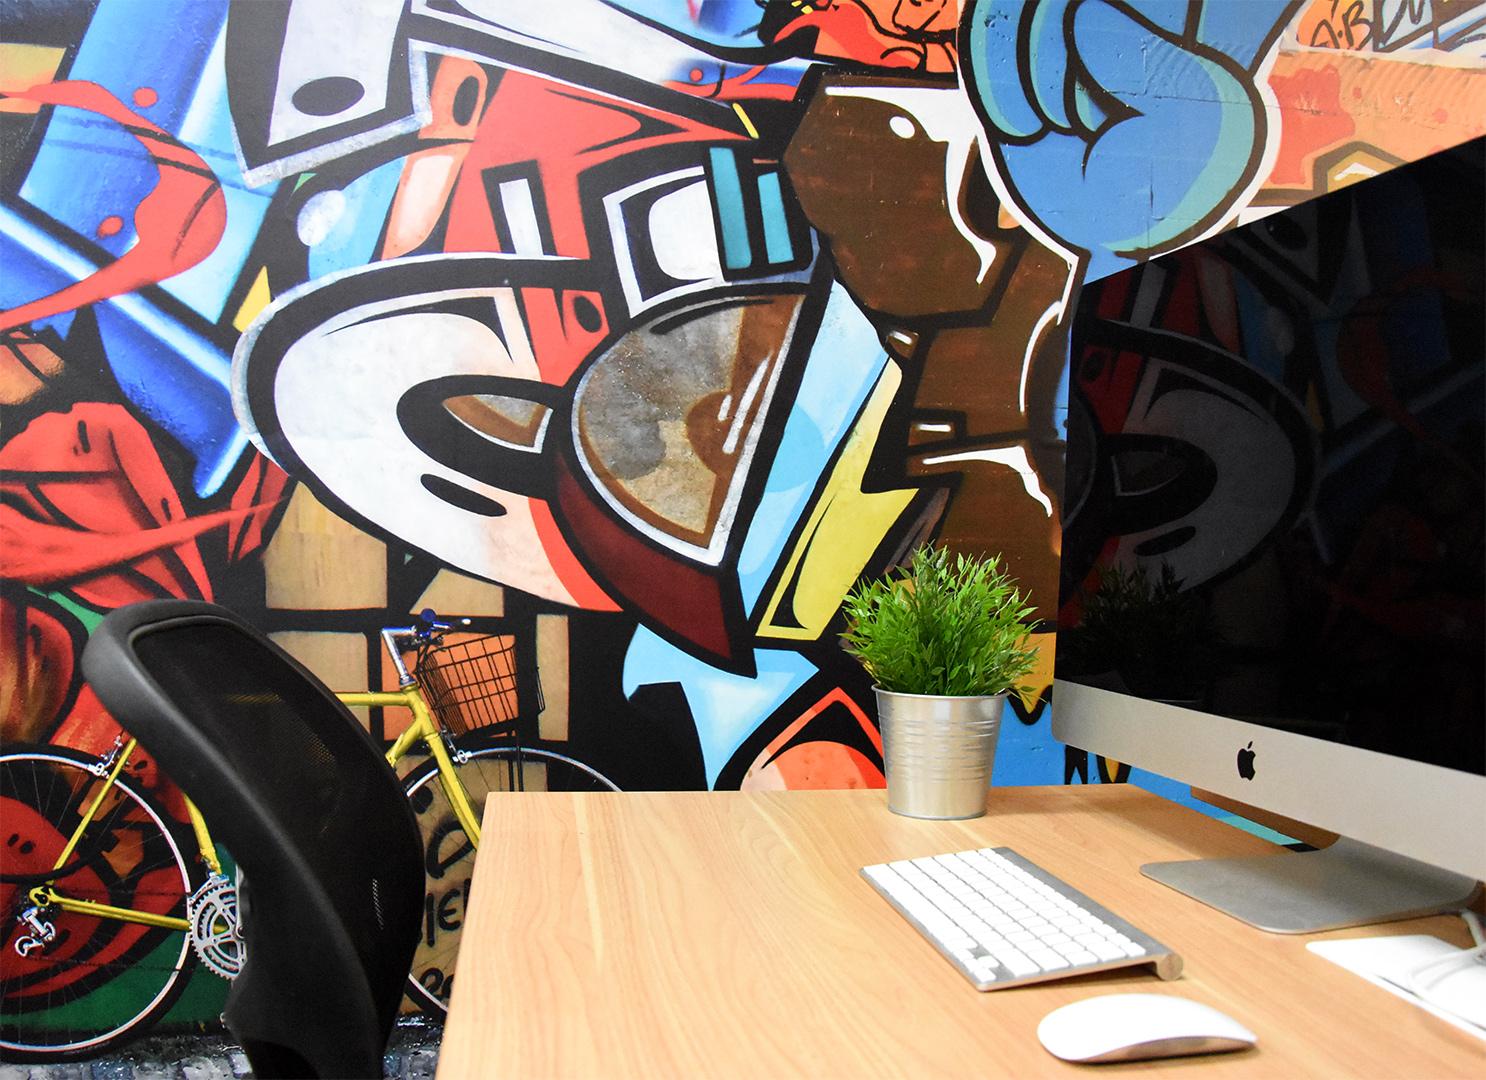 NPC-large-graffiti-wall-02.jpg